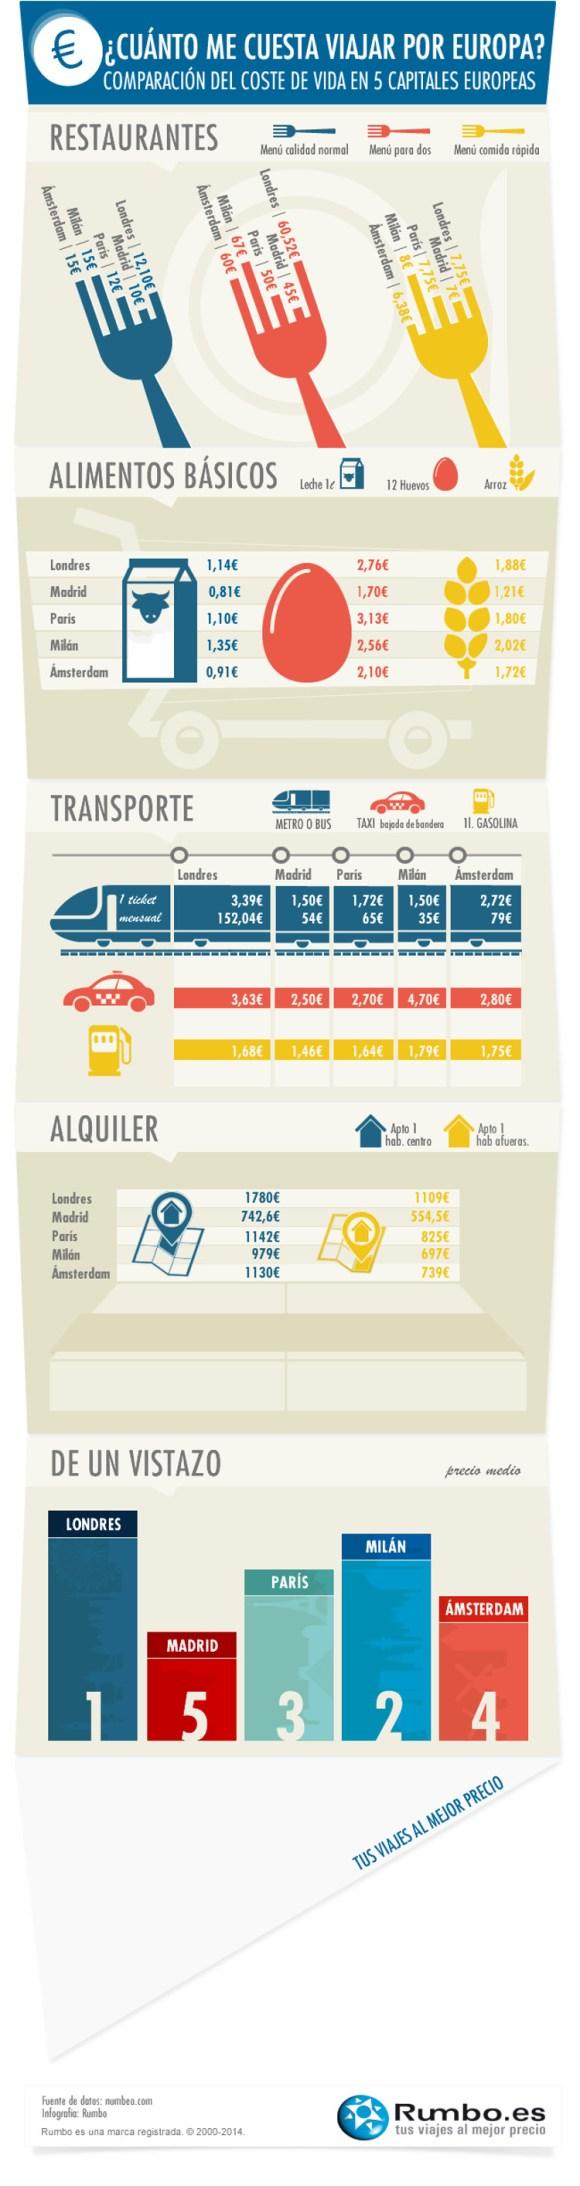 Infografia cuanto cuesta vivir cinco grandes ciudades europeas 2